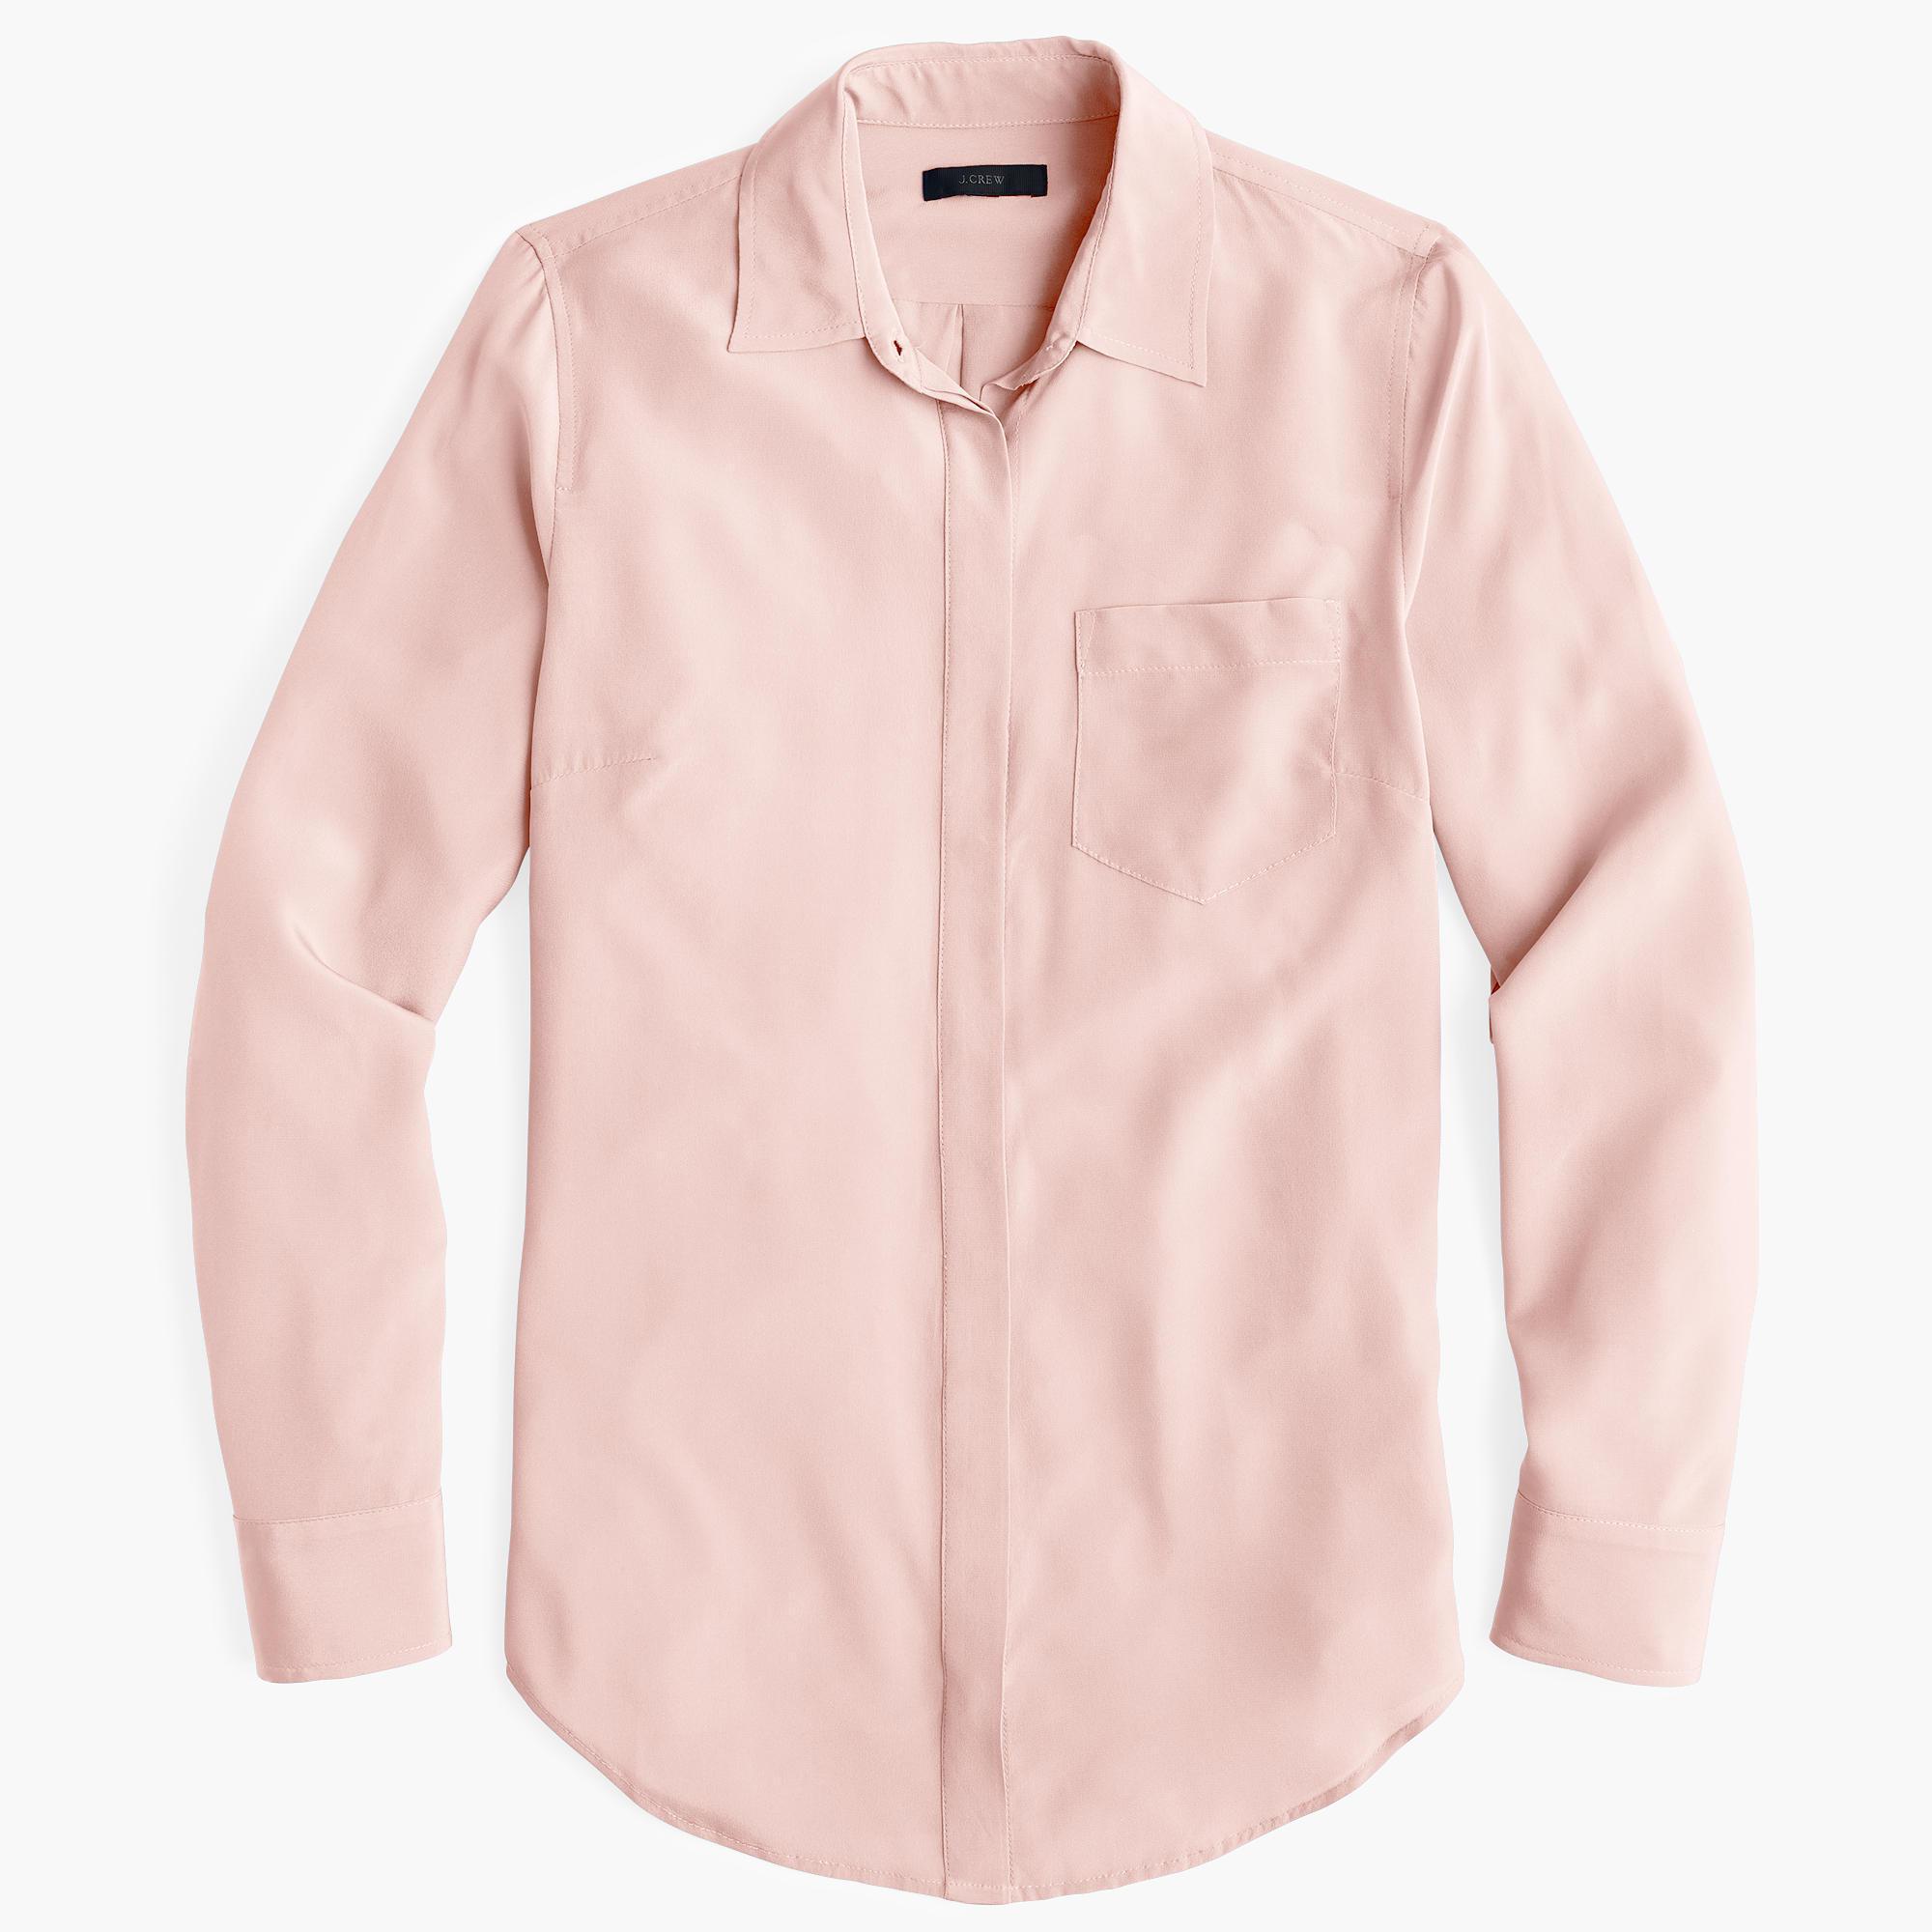 a3e71de7ab6fb J.Crew Petite Silk Button-up Shirt in Pink - Lyst